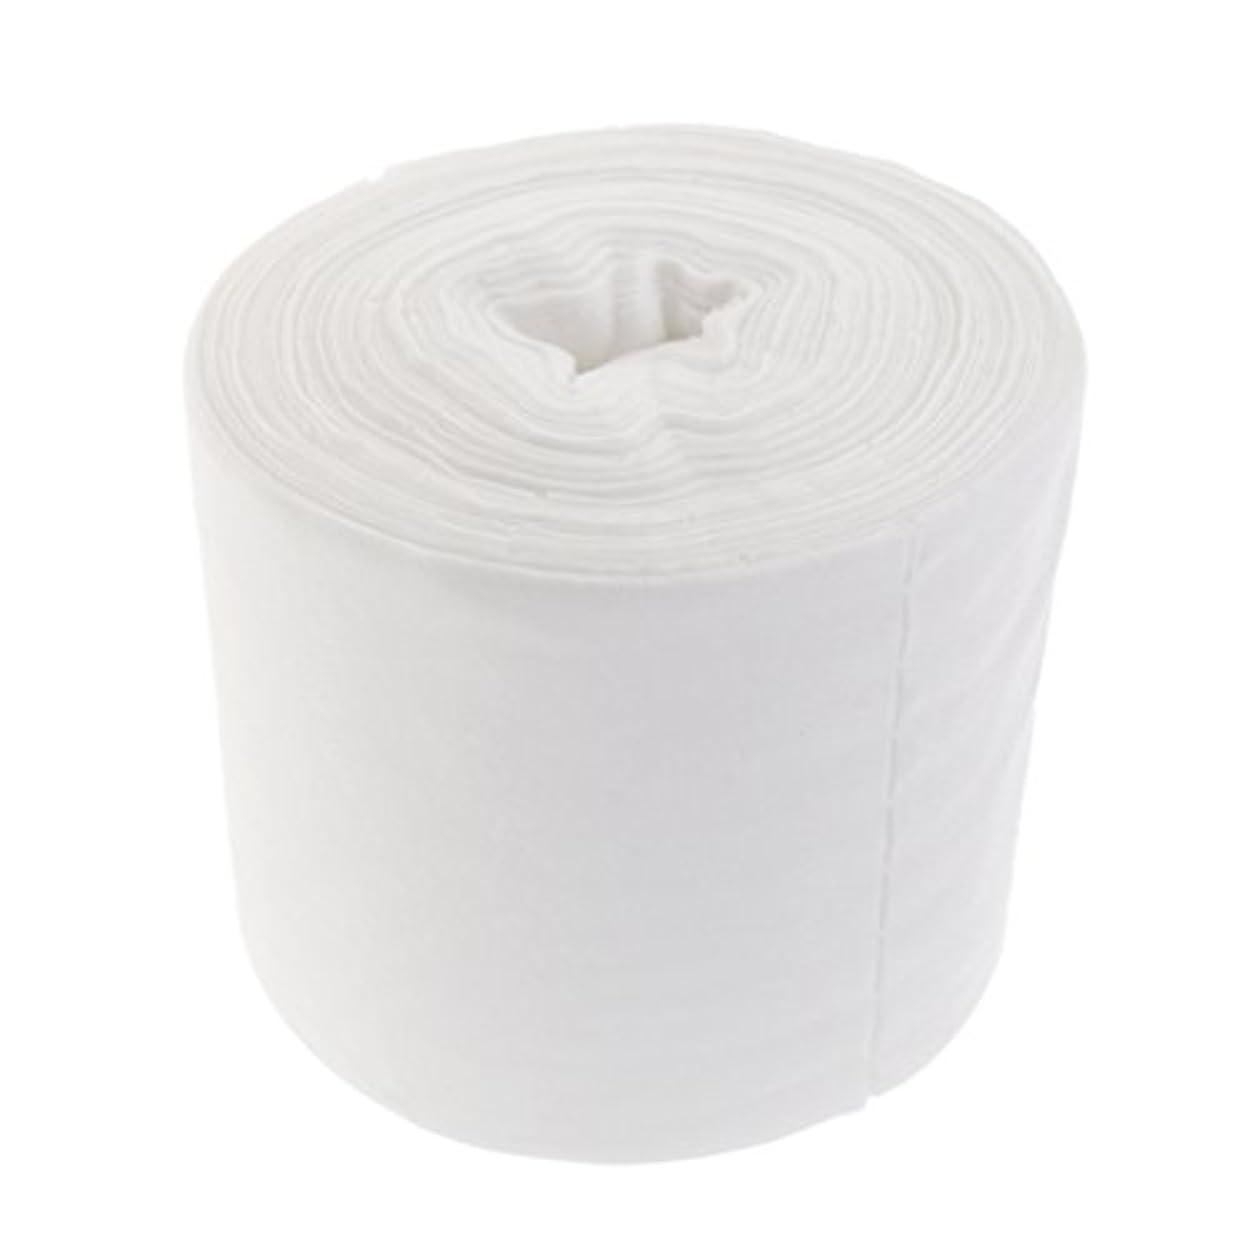 ギャングスター交換可能プレーヤー洗顔 クリーニング 清潔 フェイシャルタオル 柔らかい スキンケア 30M